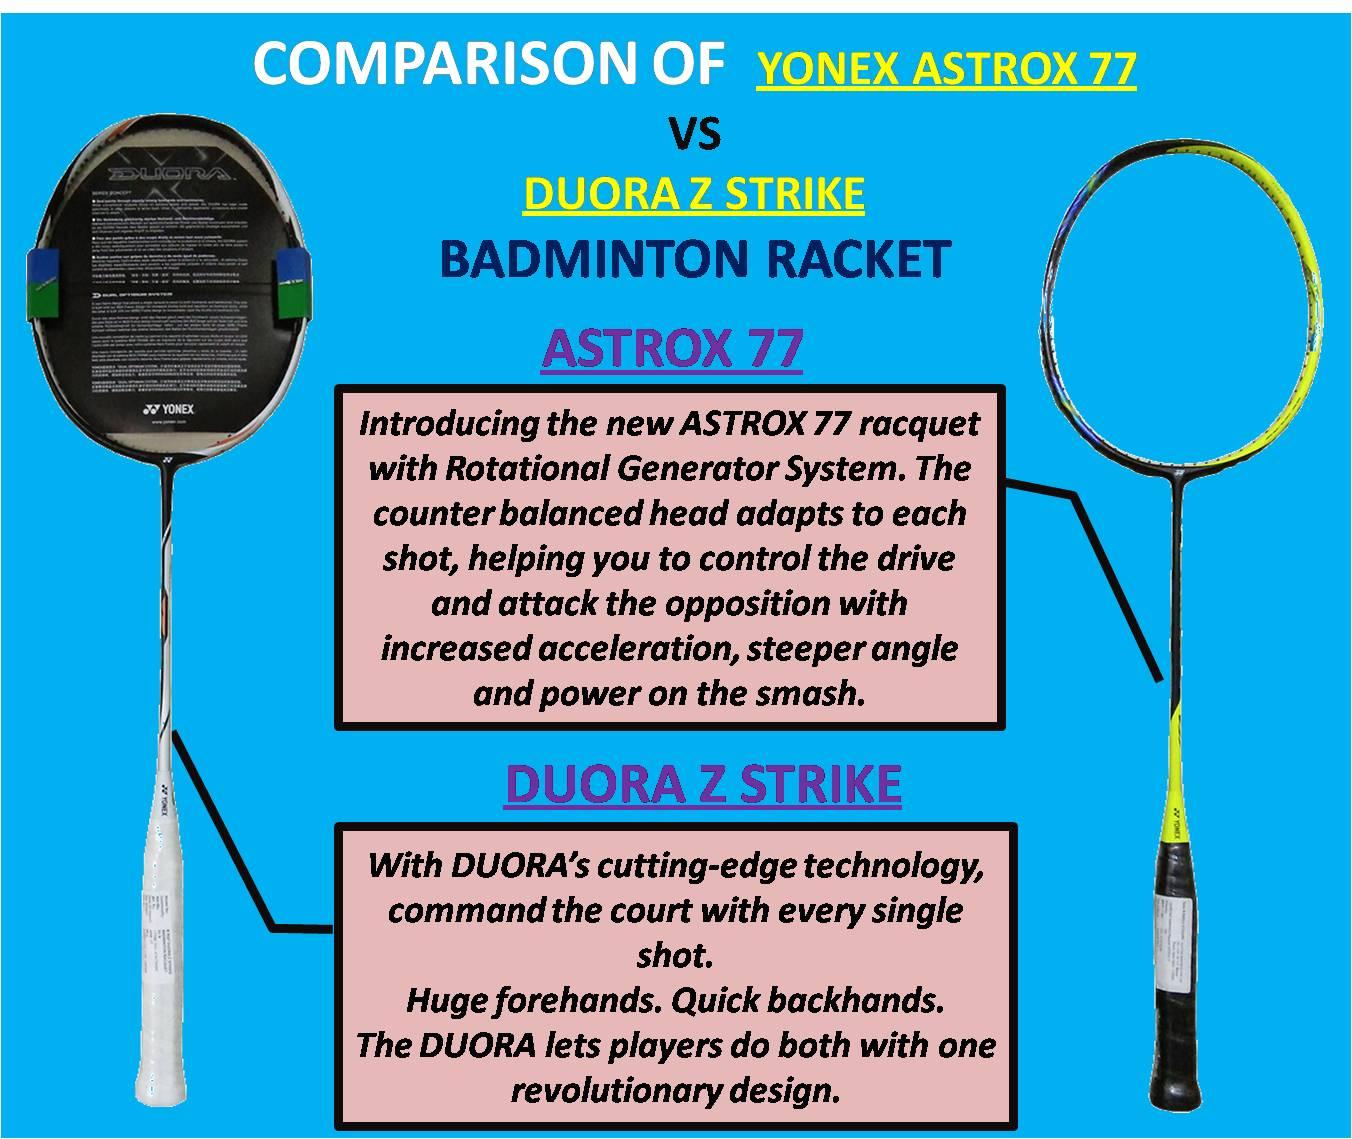 COMPARISON OF YONEX ASTROX 77 VS DUORA Z STRIKE_1